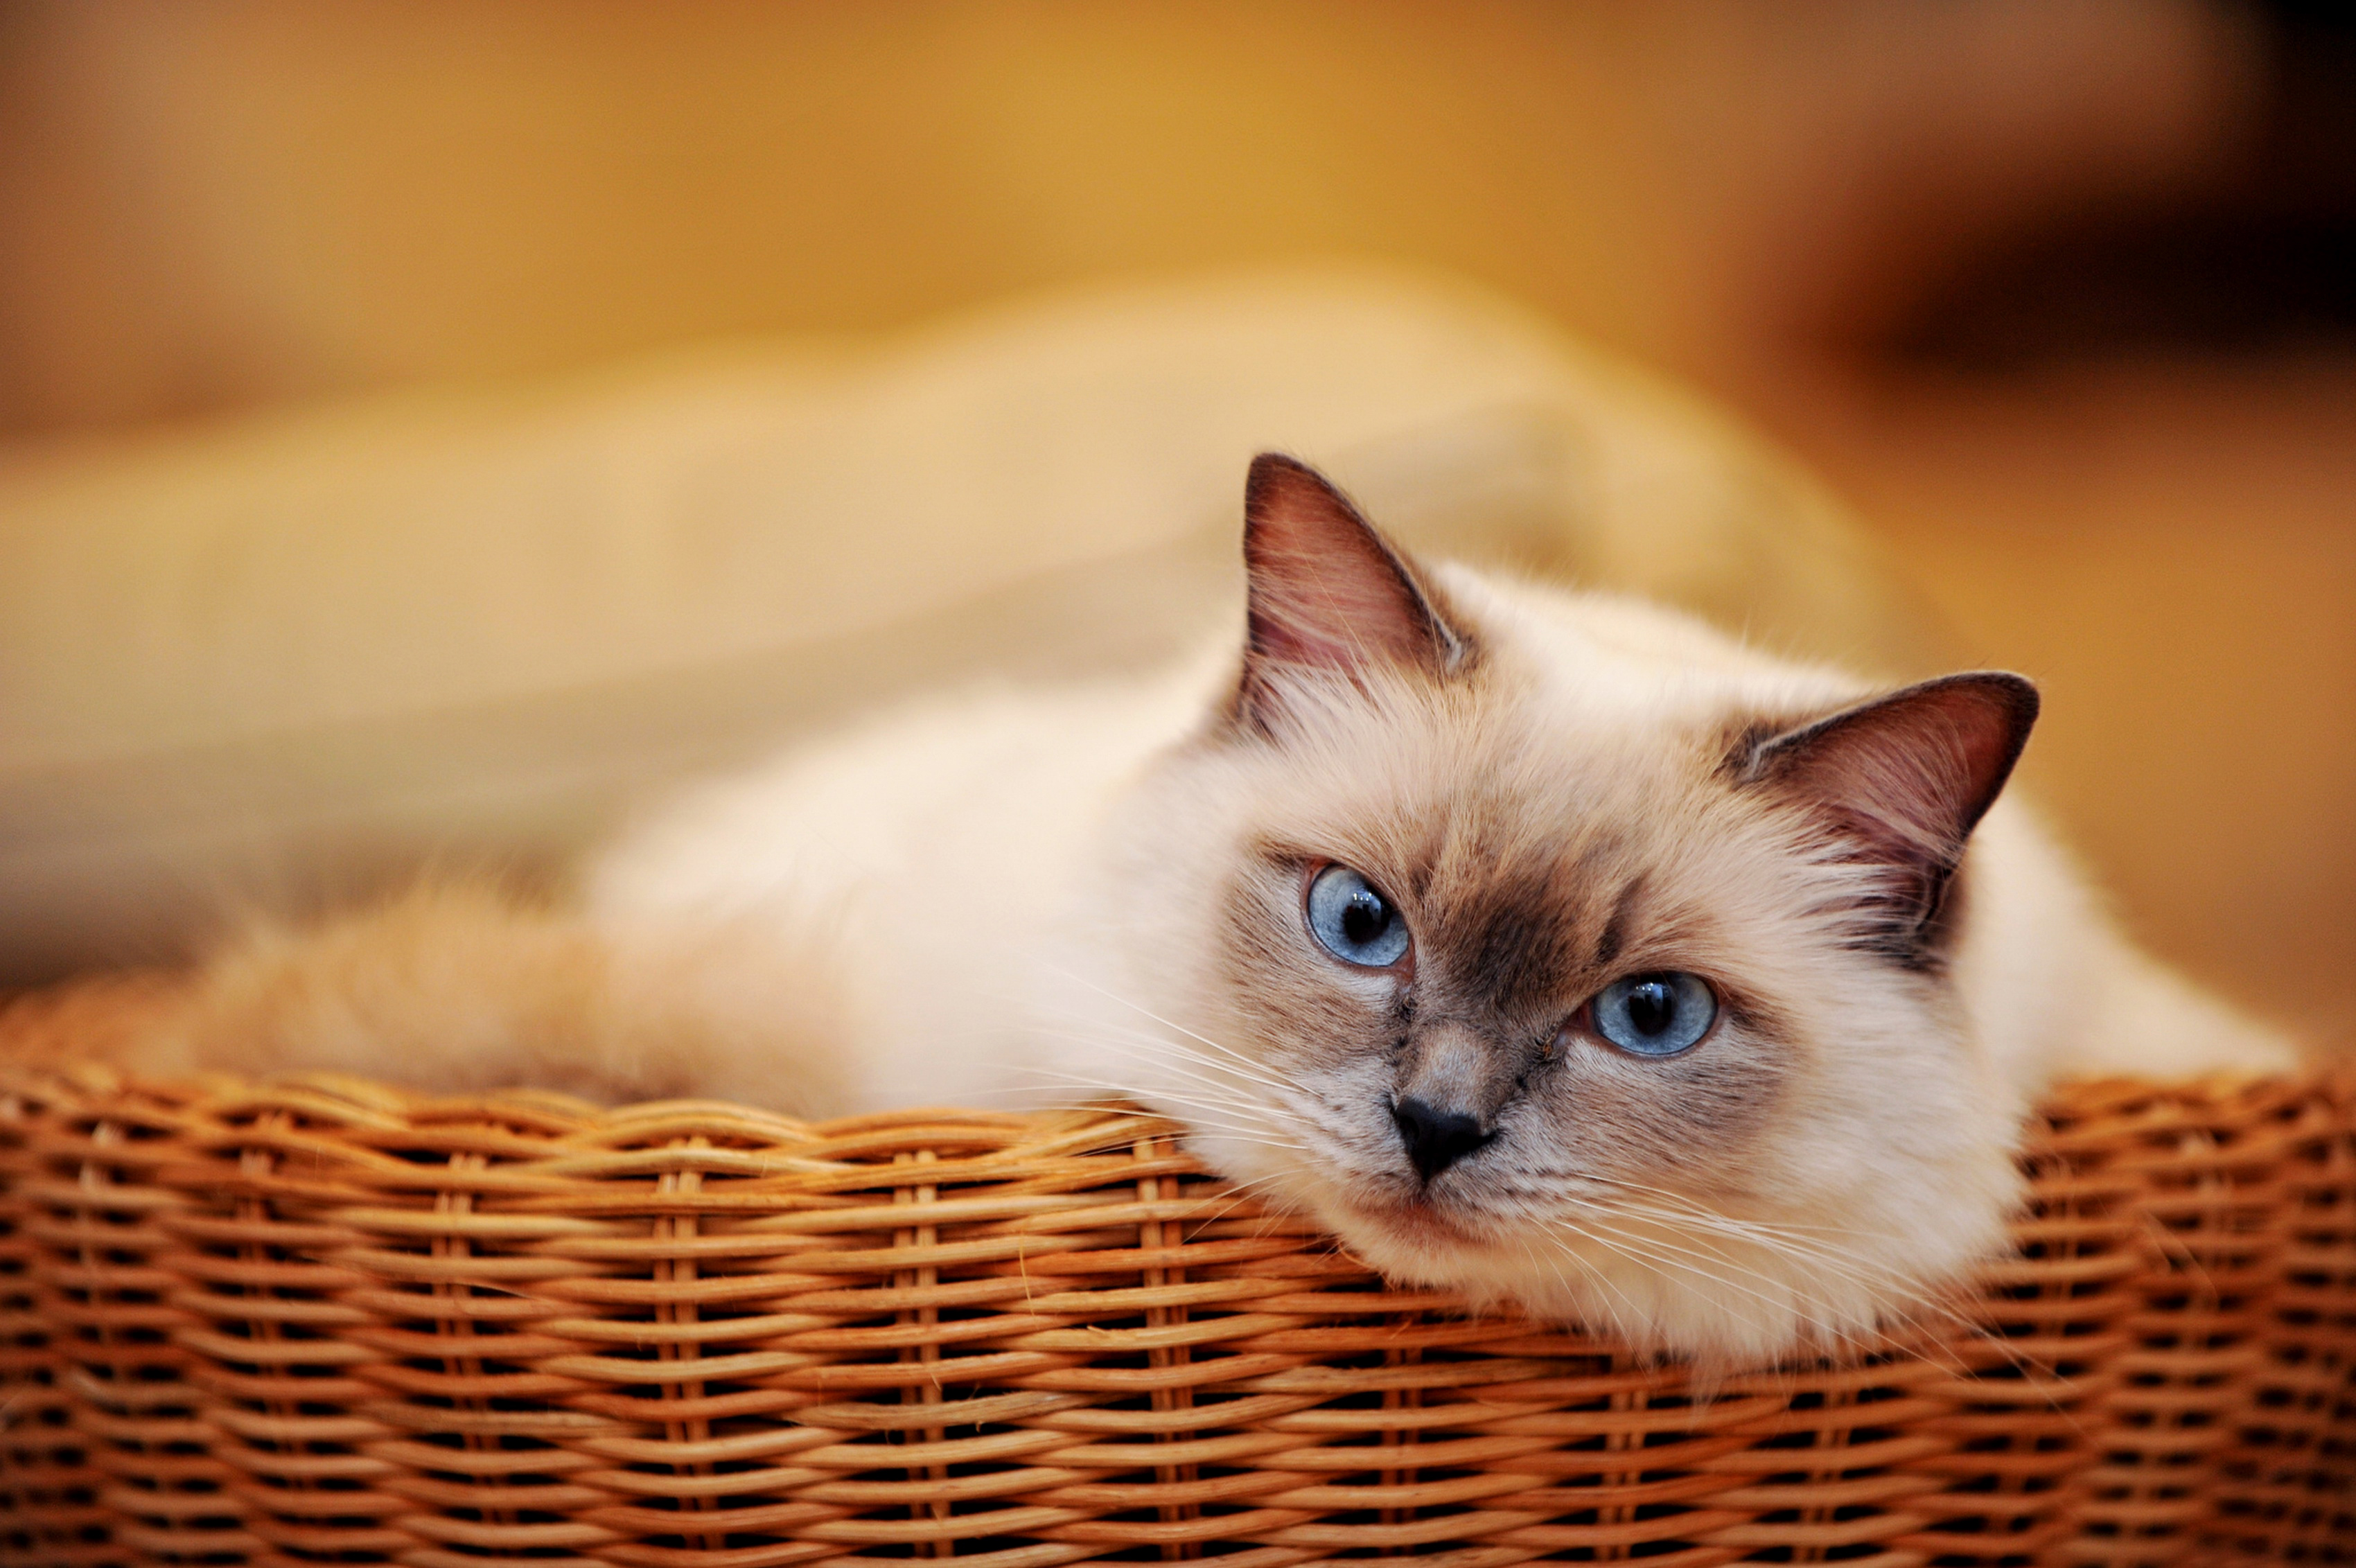 Фото котиков на рабочий стол в хорошем качестве